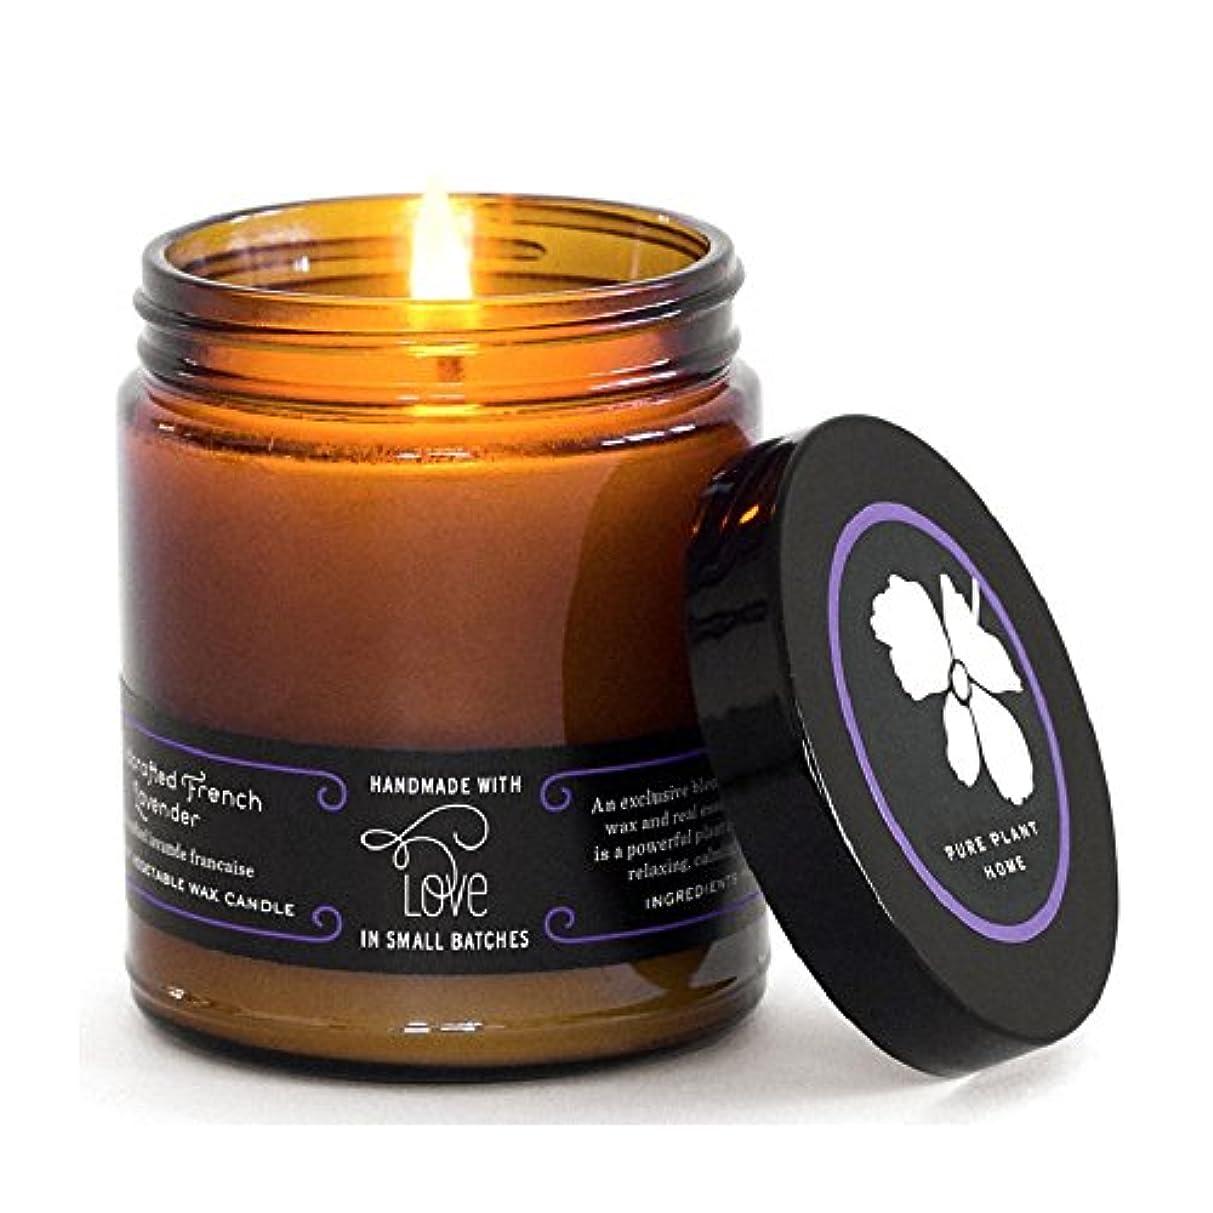 歌うプレート犬ピュア植物ホーム884 Large Amber Apothecary Jar Wildcrafted French Lavender CoconutワックスLarge Amber Apothecary Jar Wildフレンチラベンダー